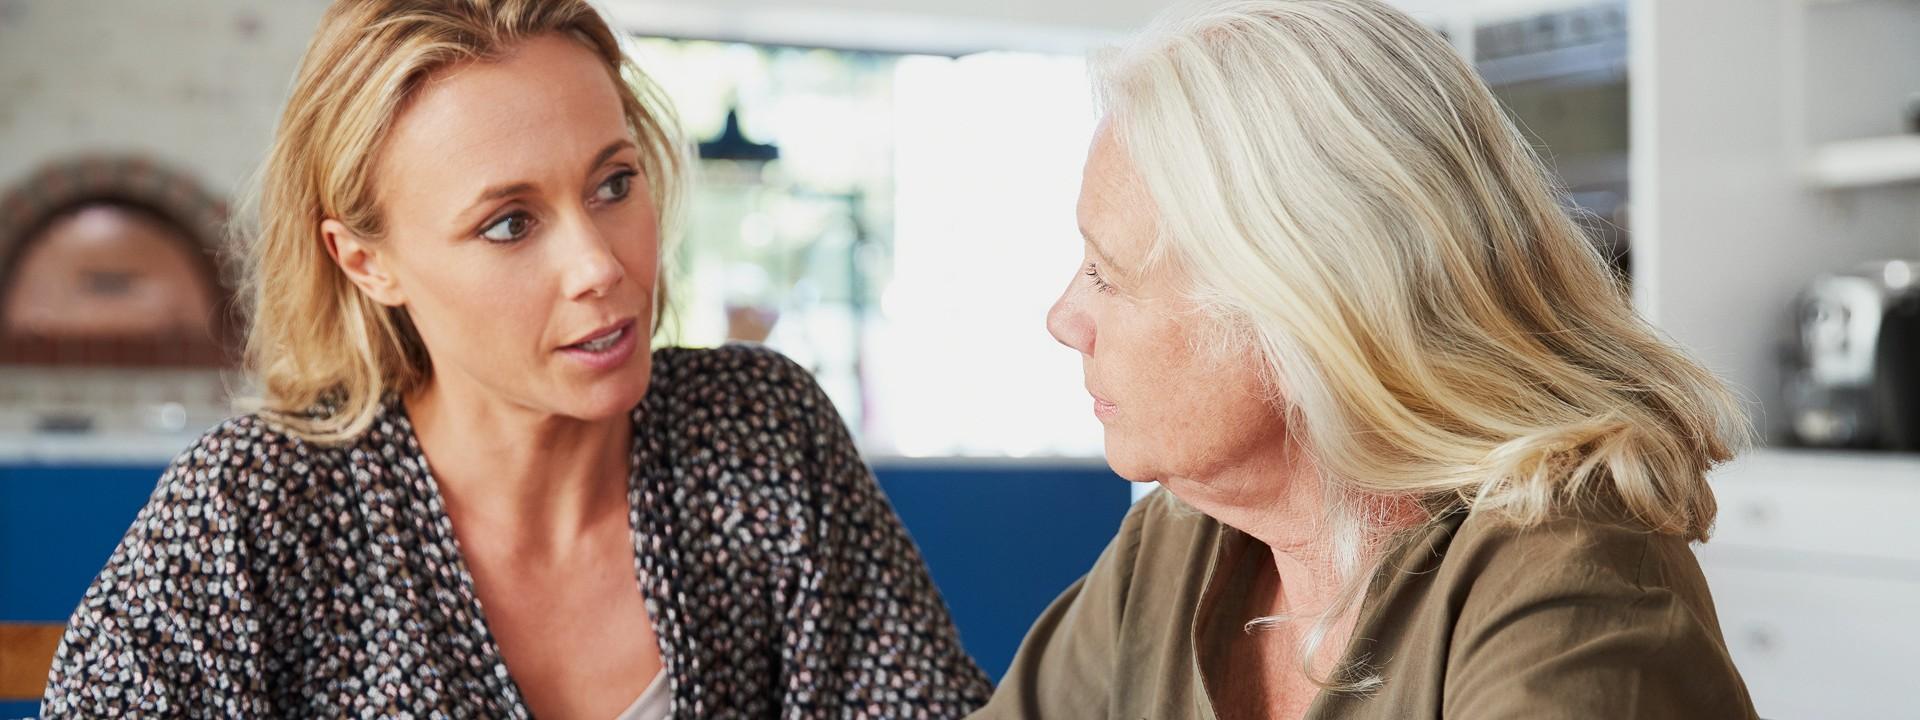 Zwei Frauen sitzen in einer Wohnung am Tisch und unterhalten sich. Die rechte Frau hält in der rechten Hand einen Stift und macht Notizen.